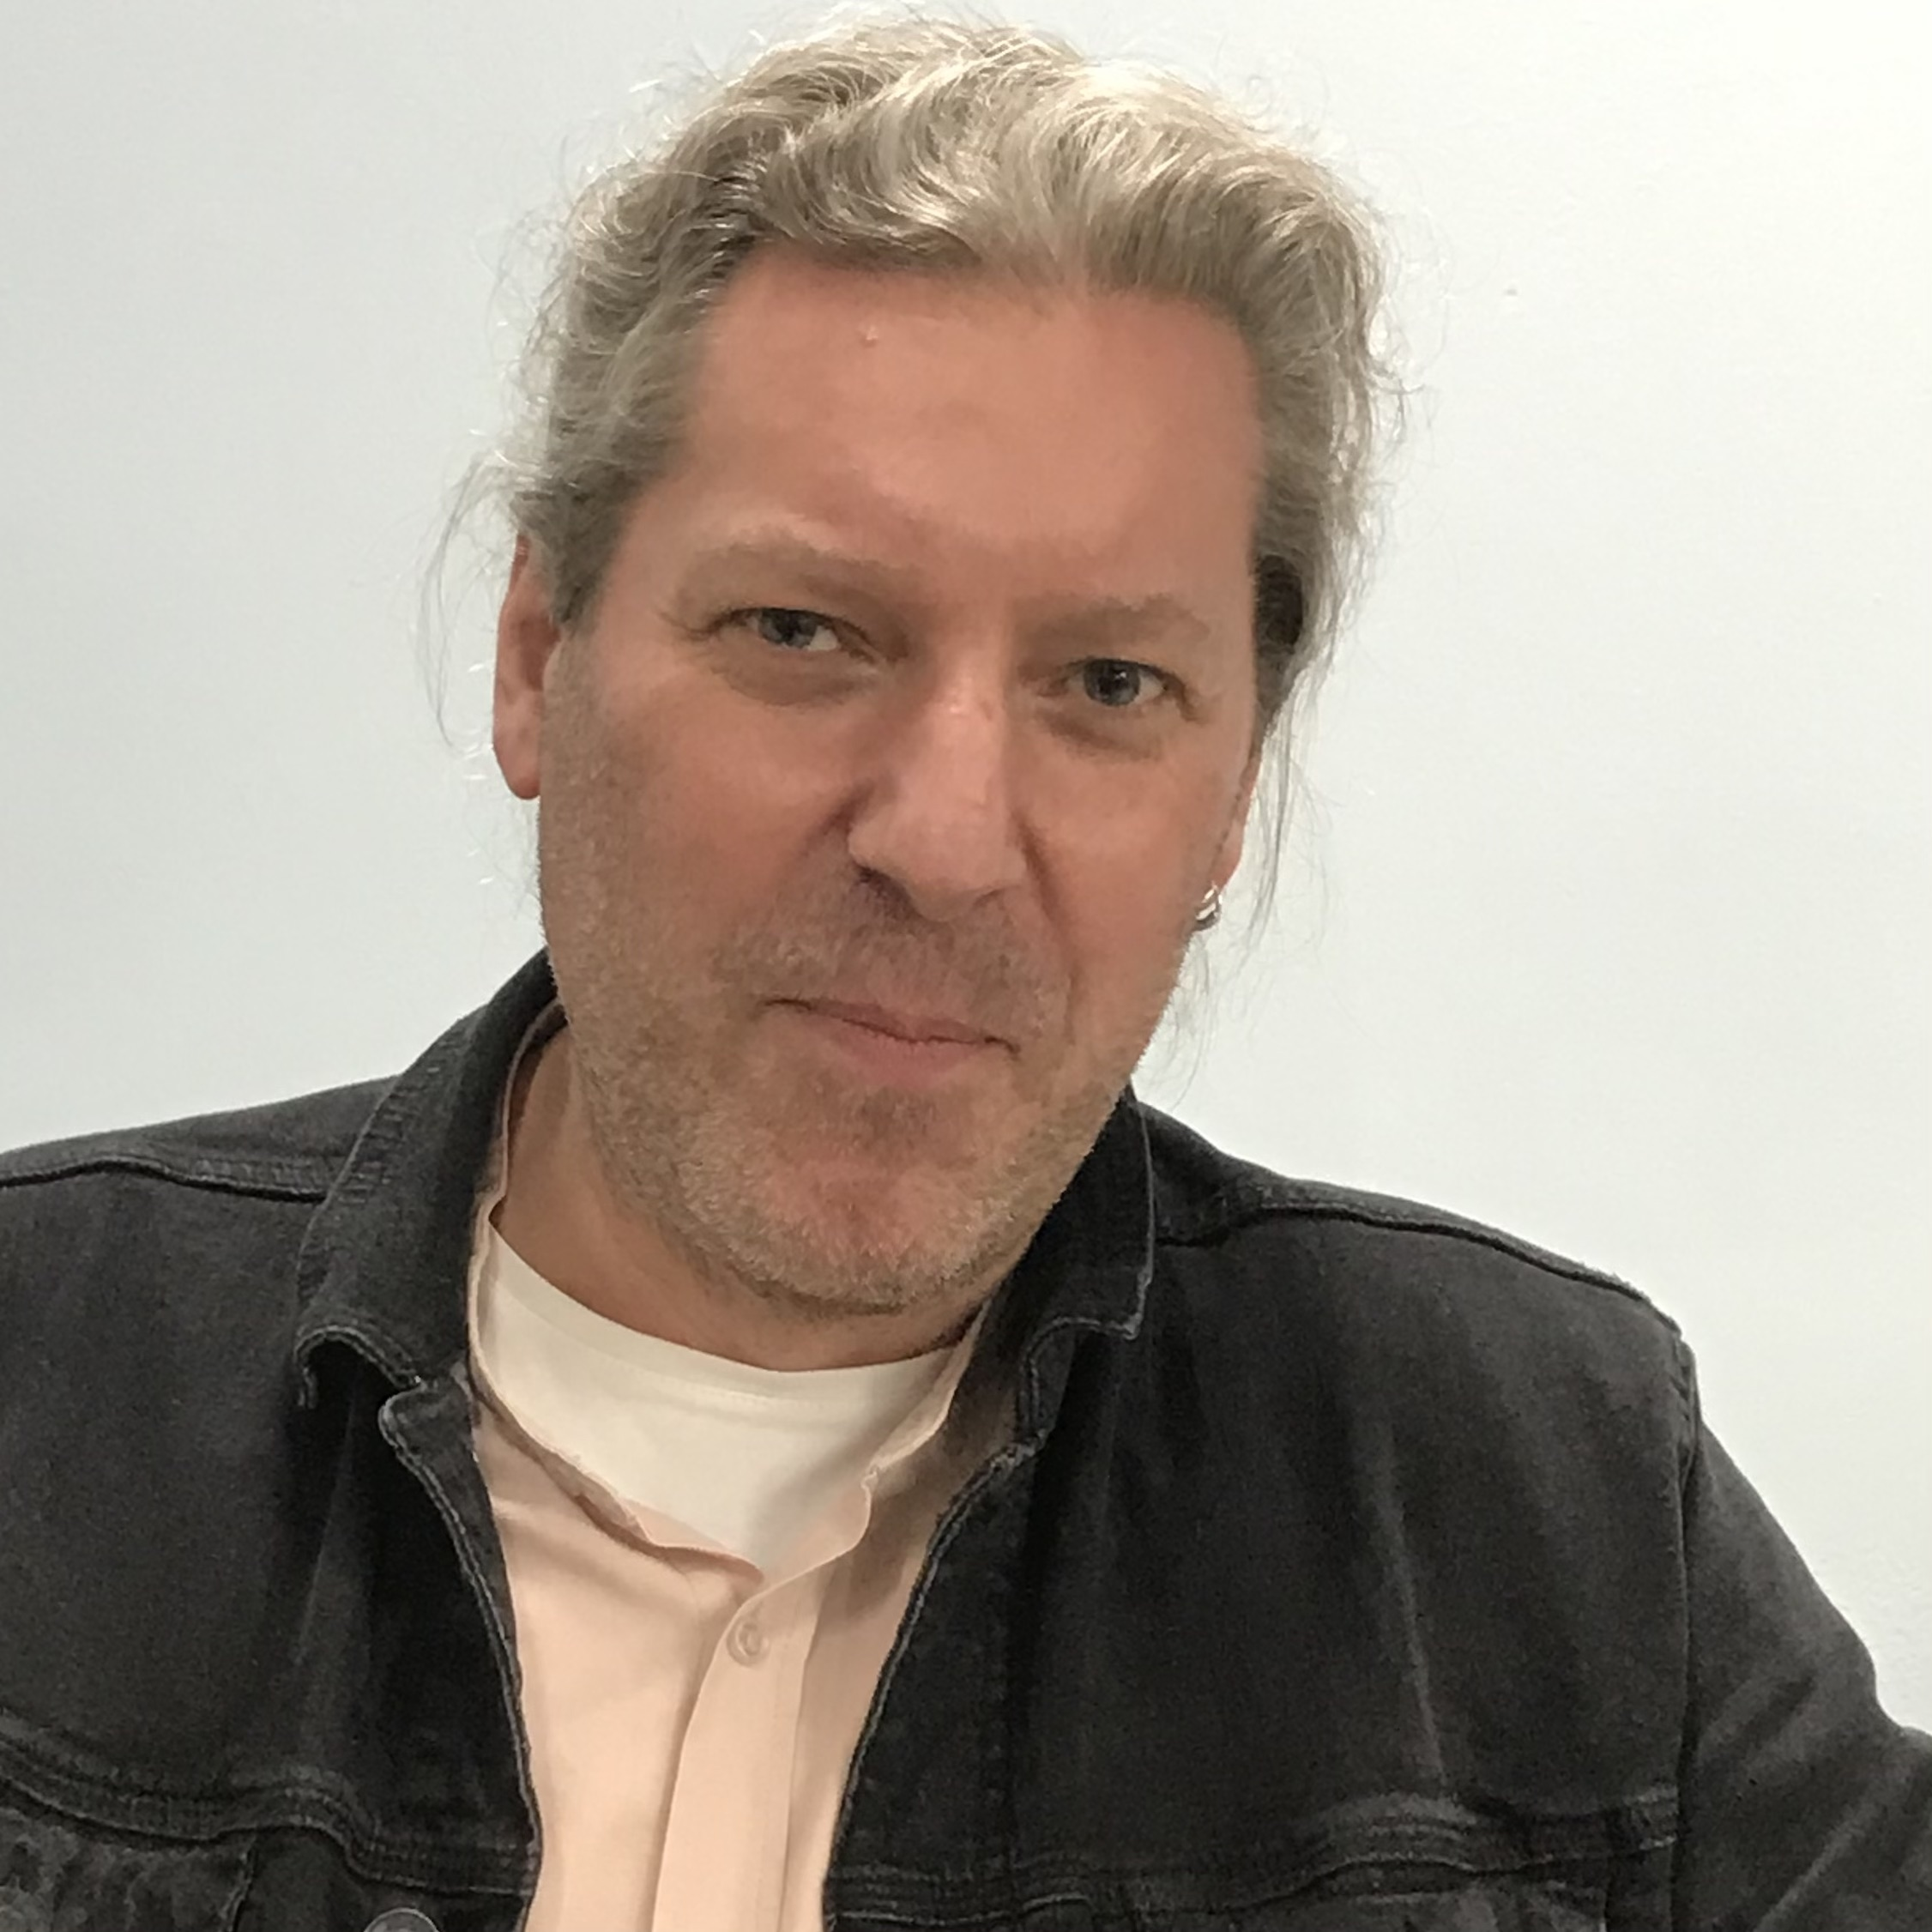 Marcel Mlonek